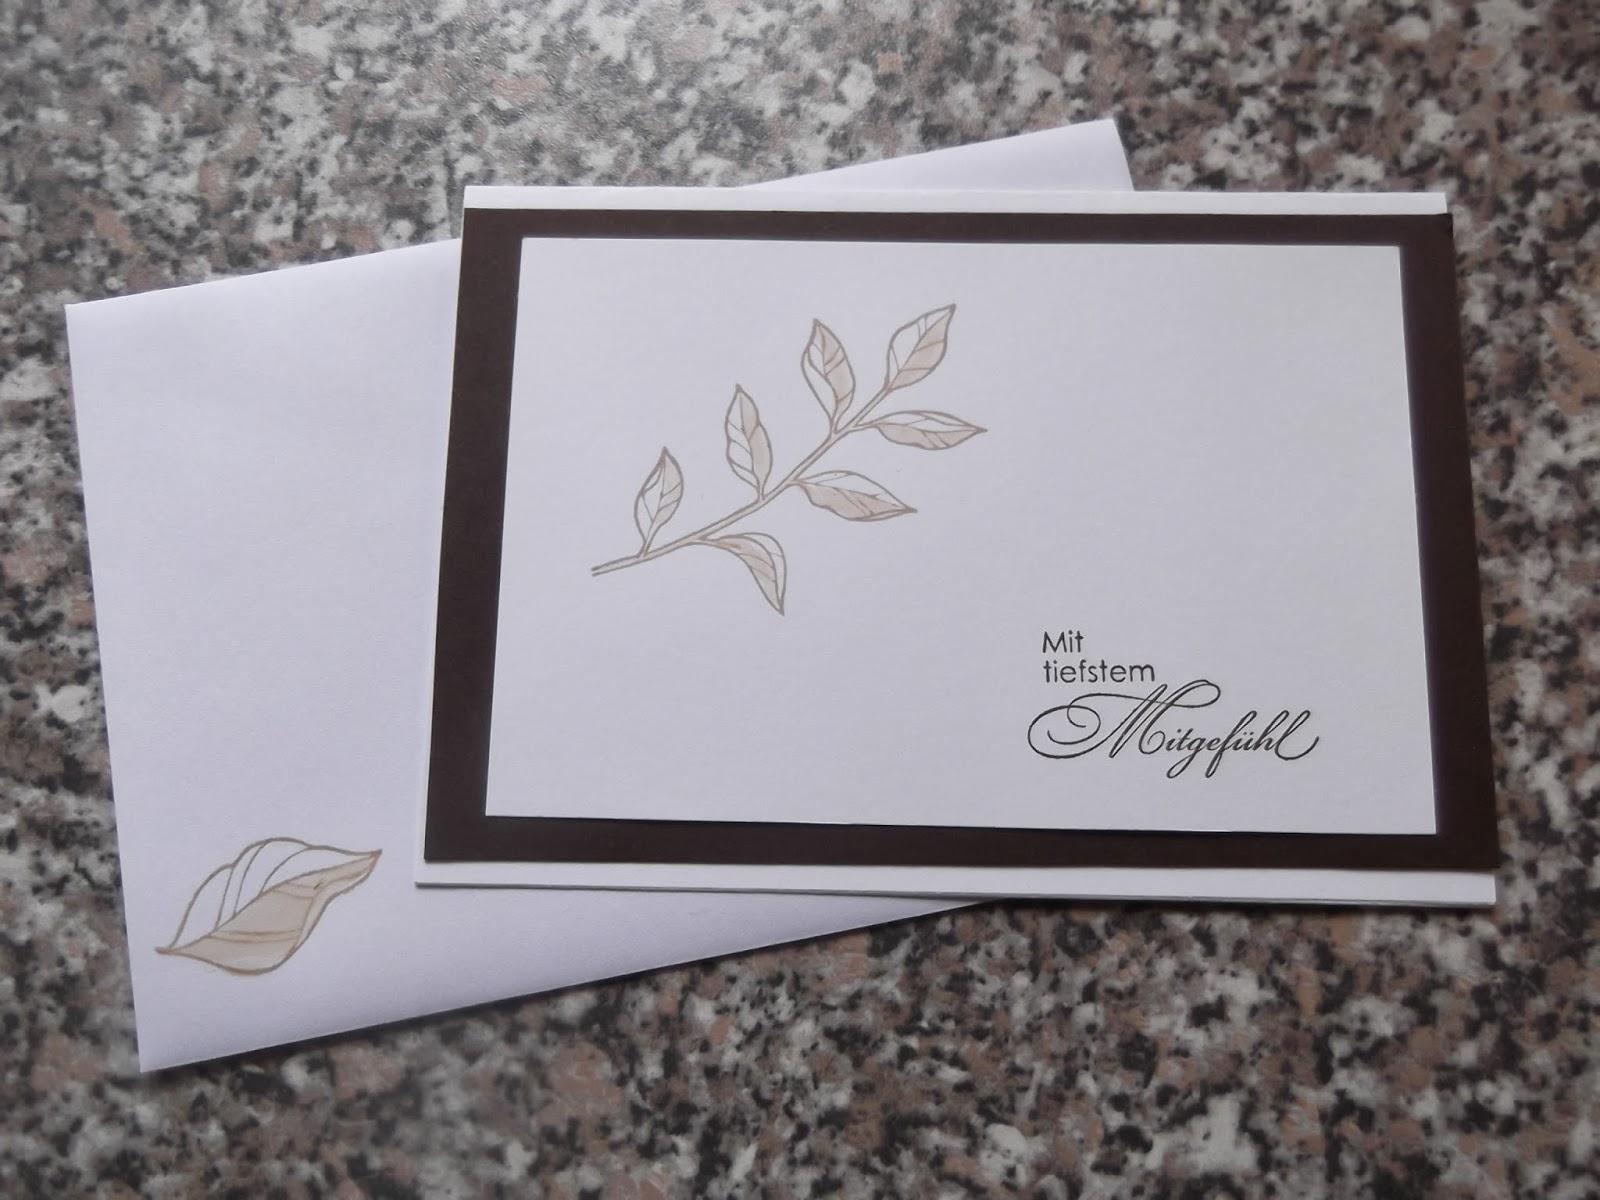 Briefumschlag Beschriften Für Trauerkarte : Sconebeker stempelscheune trauerkarten mit den stampin